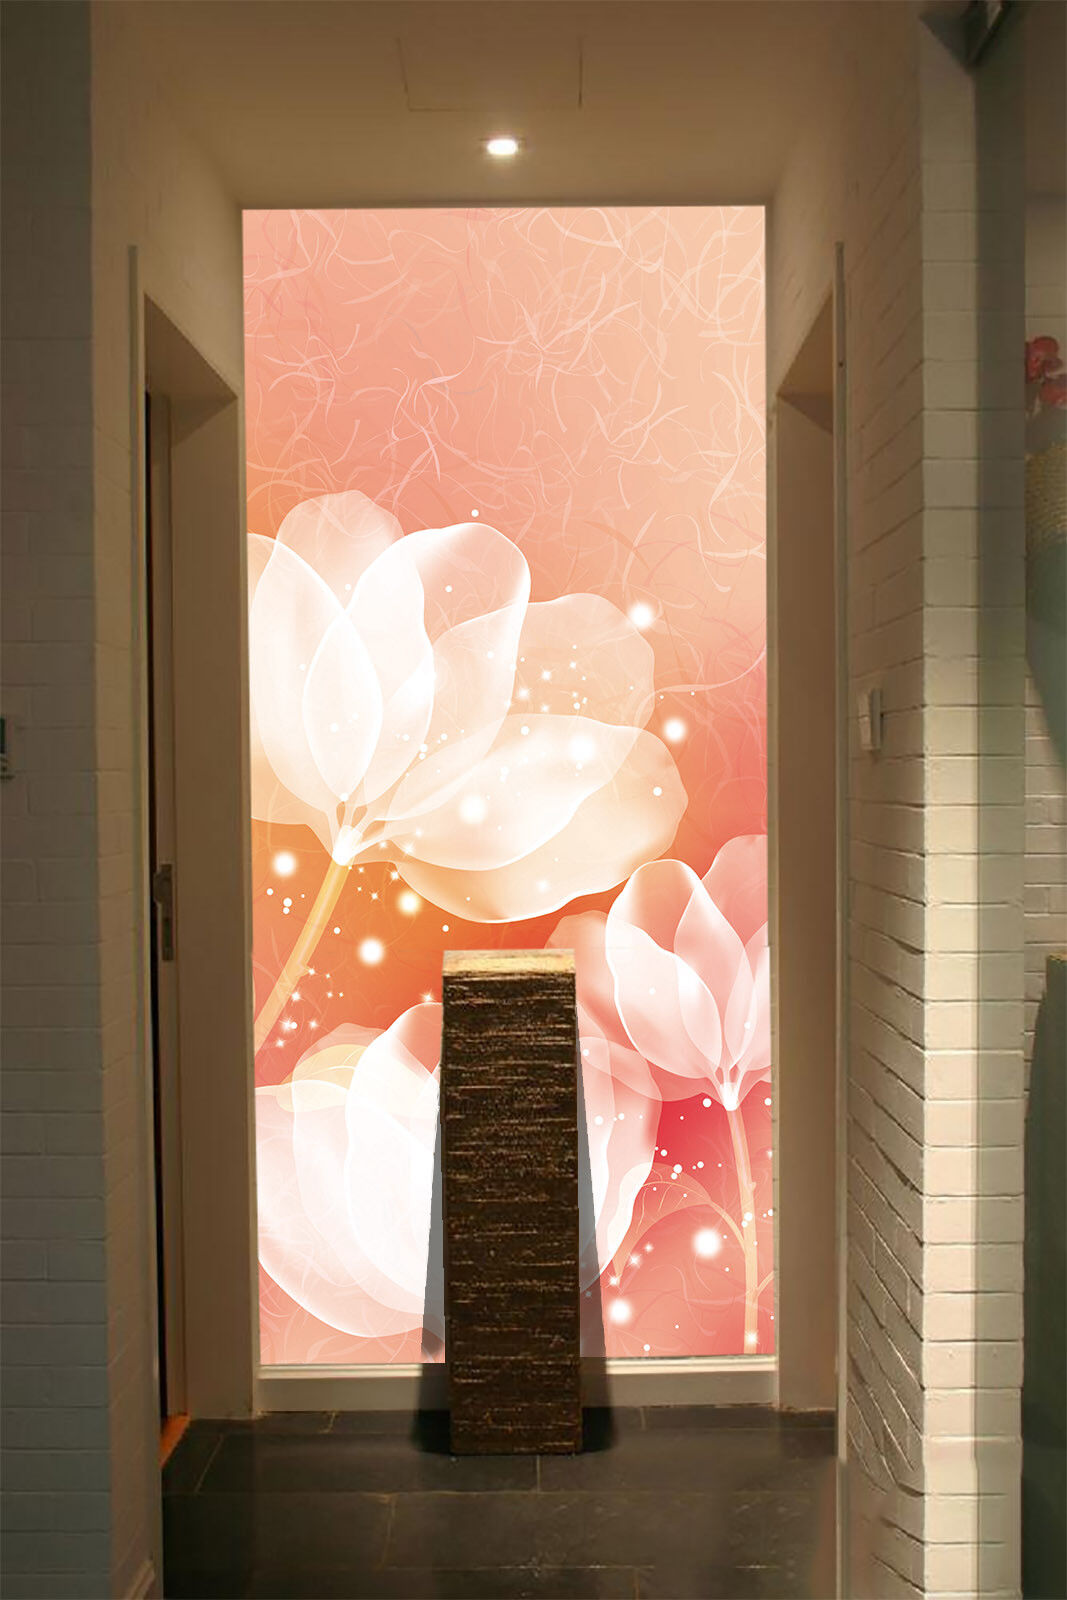 Papel Pintado Mural De Vellón Flores Románticas 342 Paisaje Fondo De Pansize ES